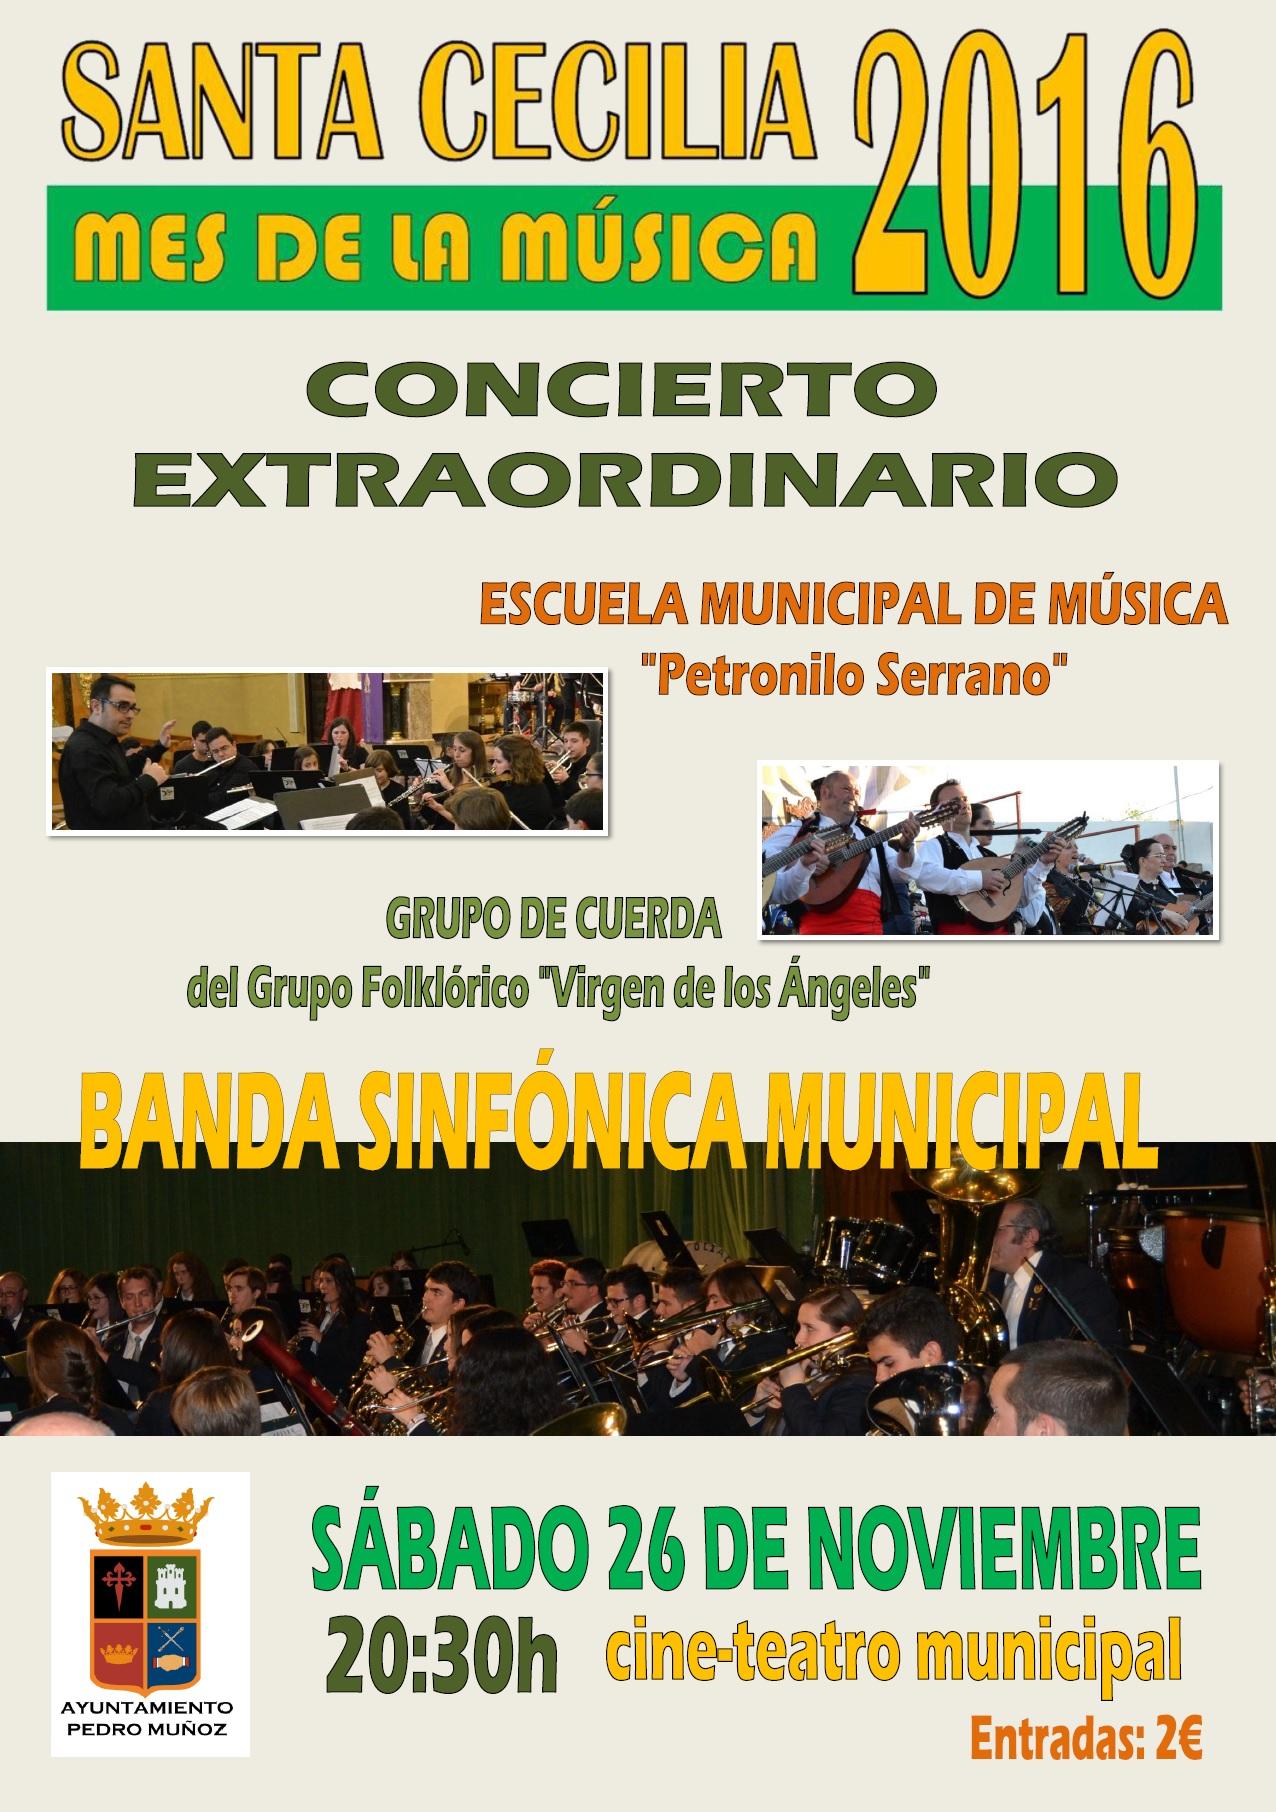 Un concierto extraordinario de música popular y clásica pondrá broche de oro al mes de la música en Pedro Muñoz